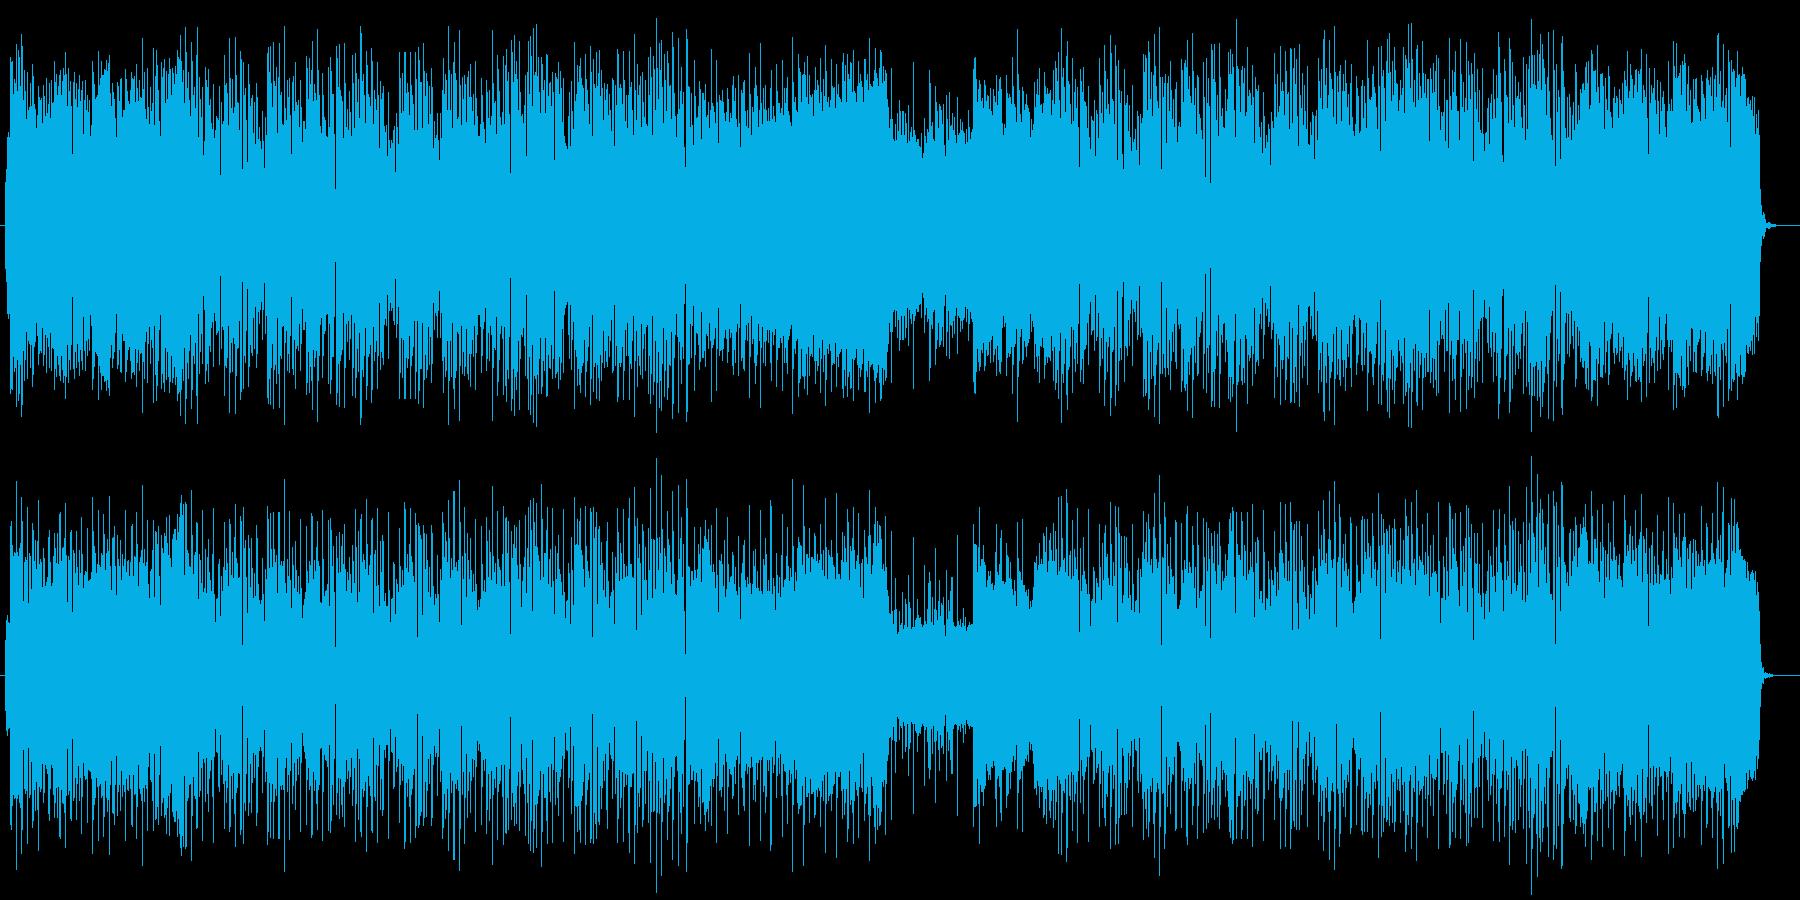 明るく広がりのあるゆったりした平和な曲の再生済みの波形